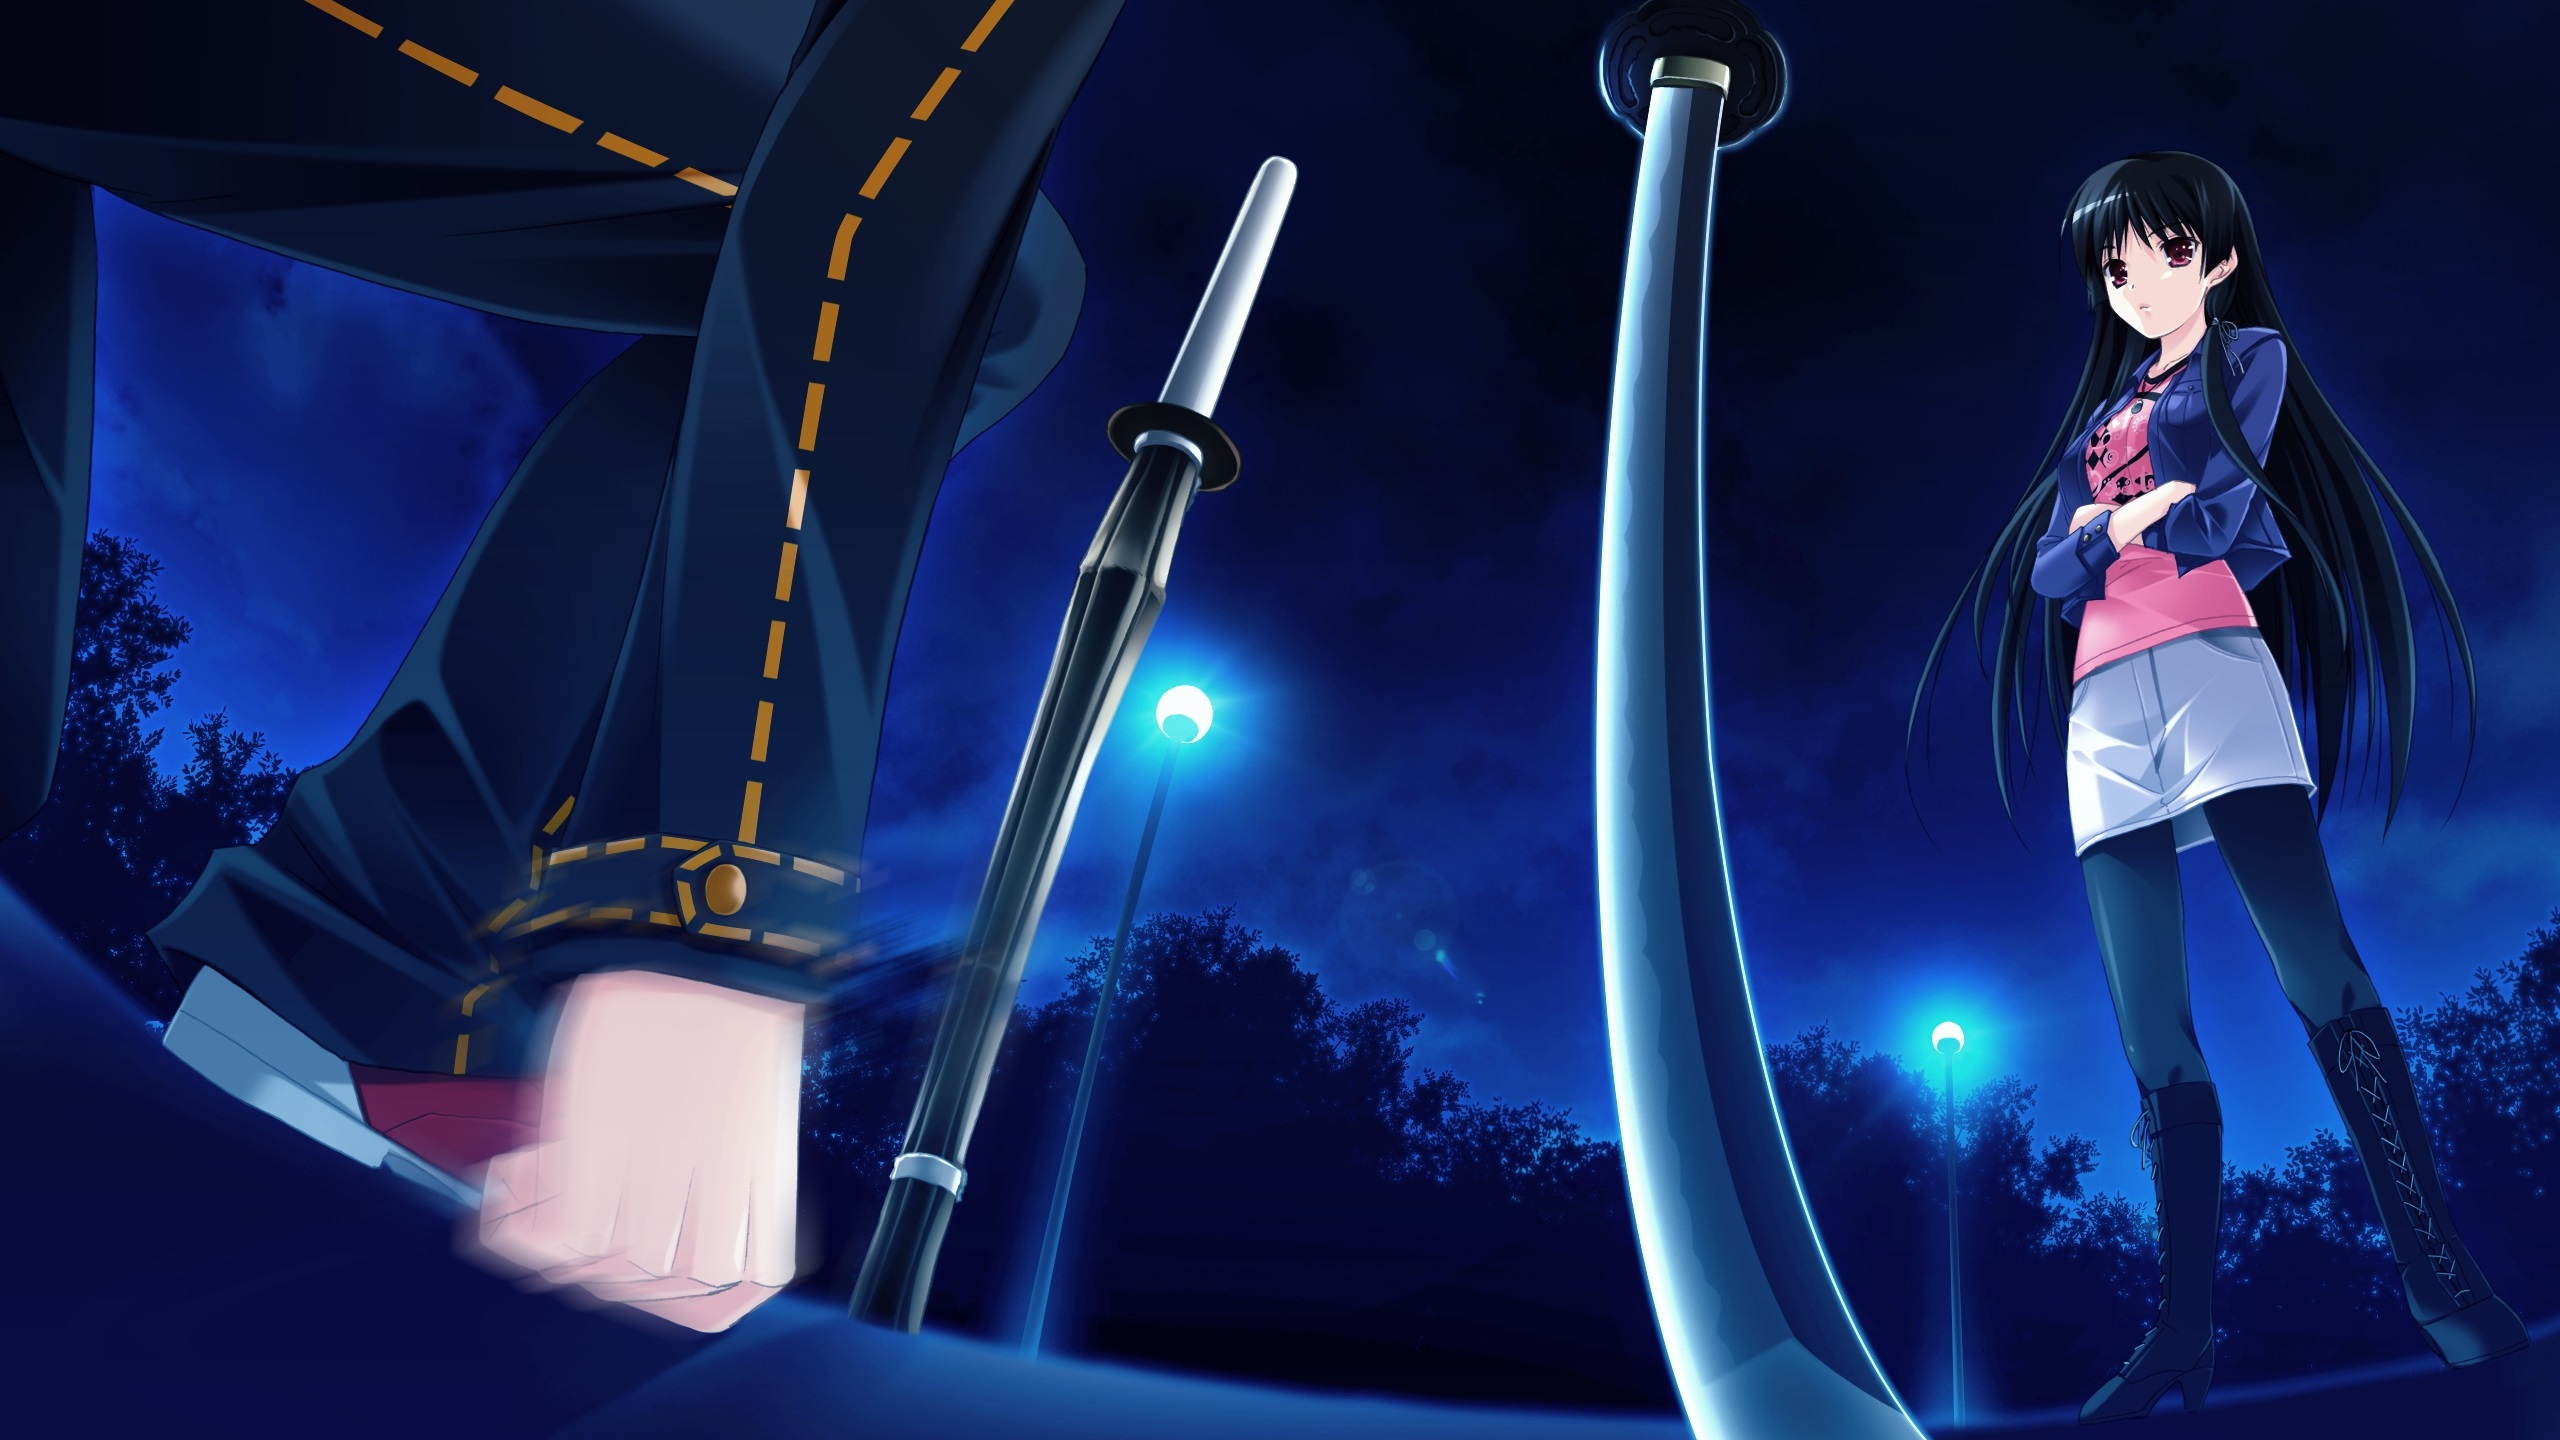 壁紙 長い髪のアニメの女の子 夜 ライト 剣 2560x1440 Qhd 無料のデスクトップの背景 画像